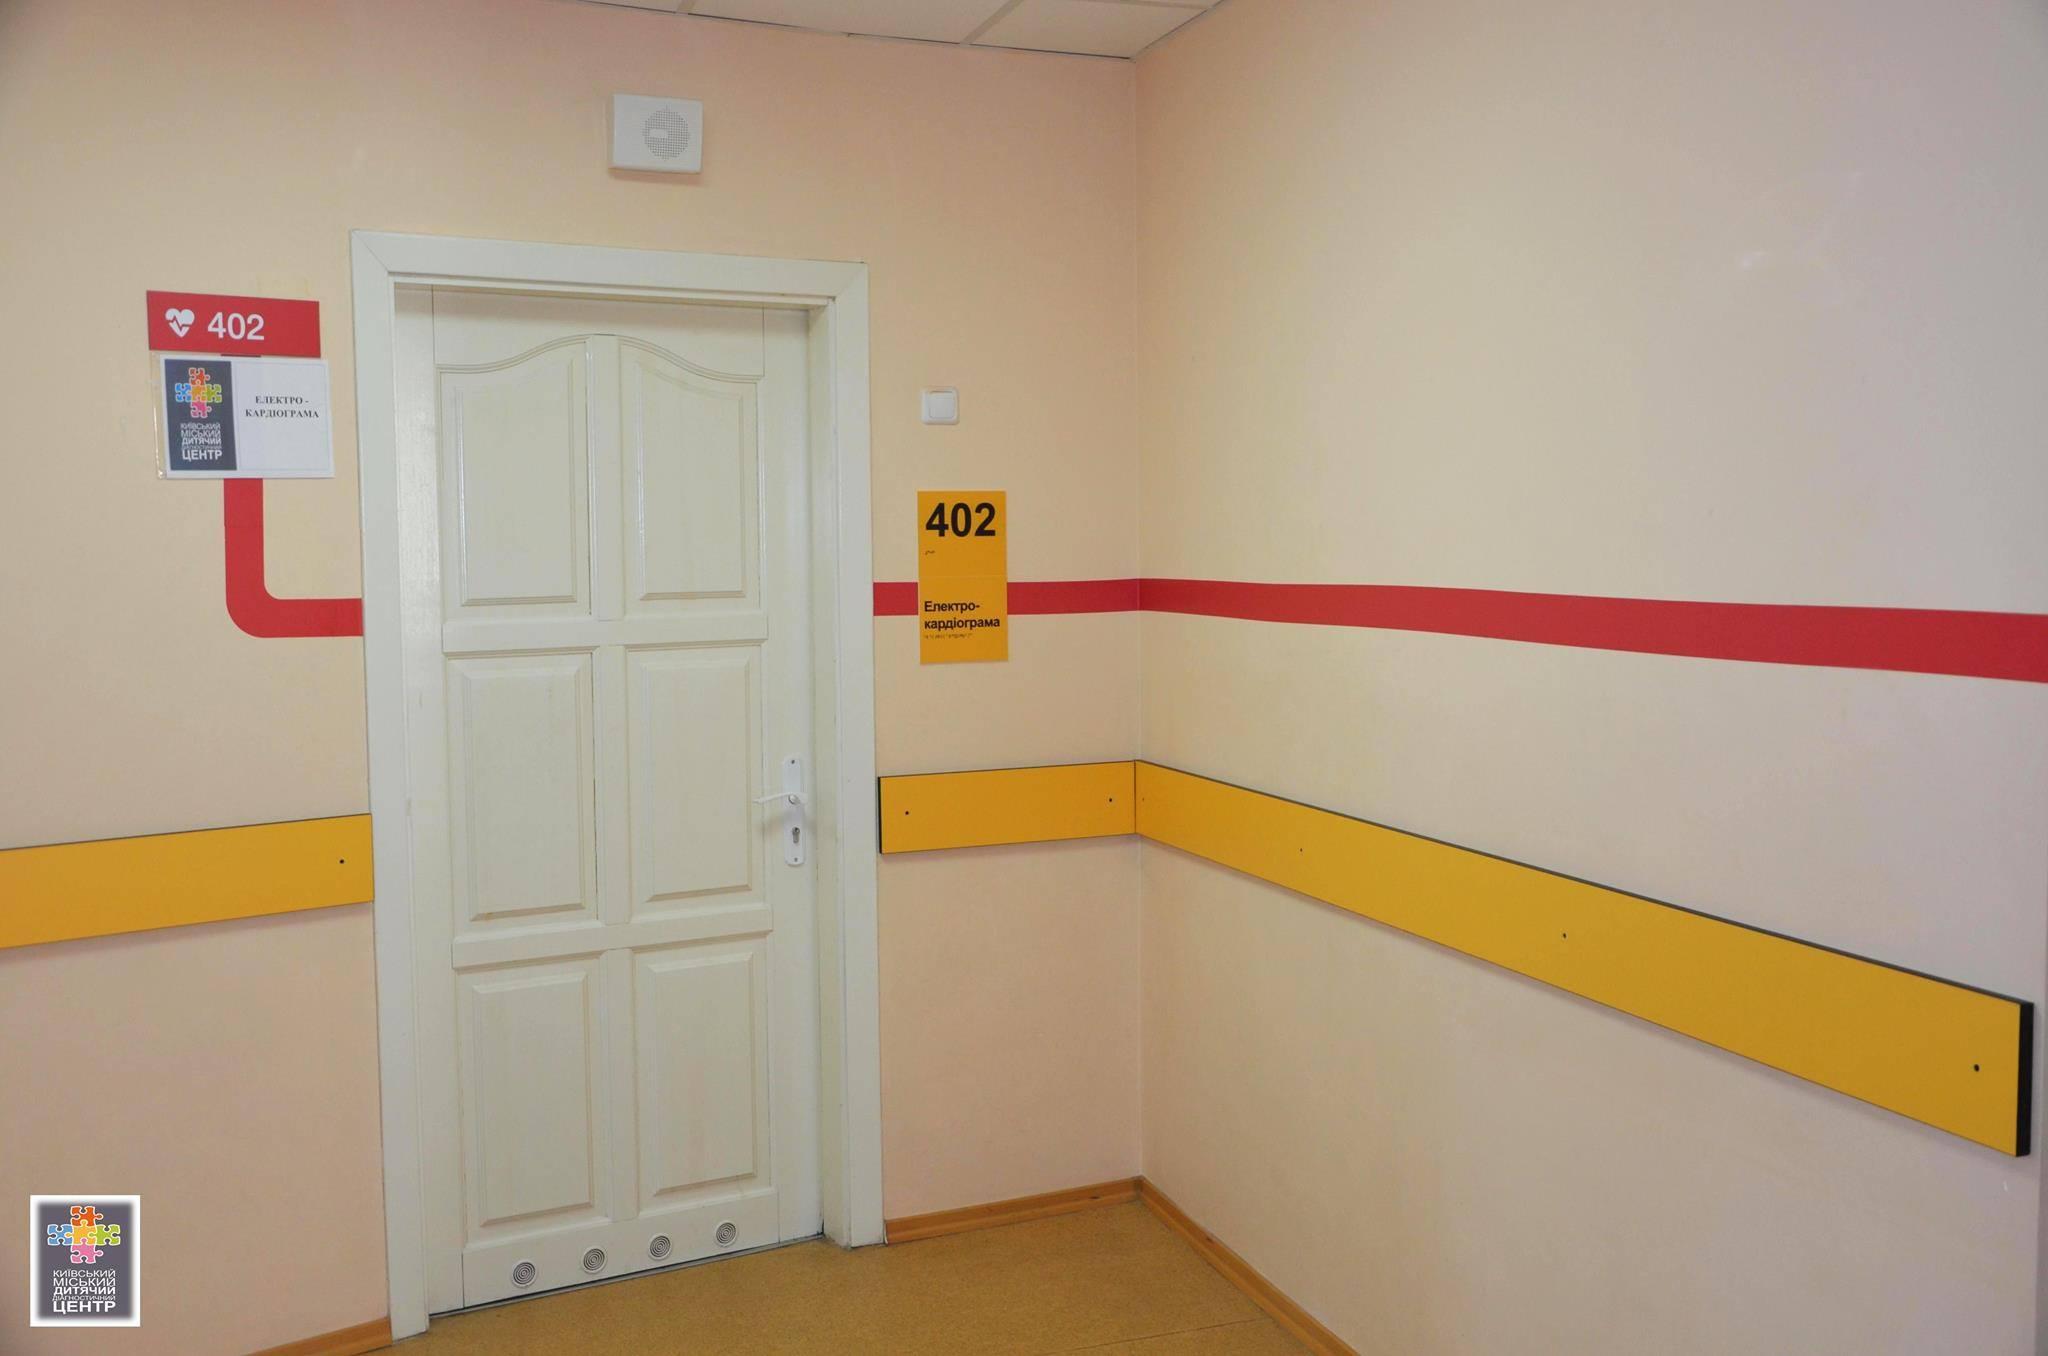 Все номера кабинетов и информация о данном кабинет выполнены увеличенным шрифтом в контрастном соотношении цветов и в тактильном виде (напечатаны шрифтом Брайля)